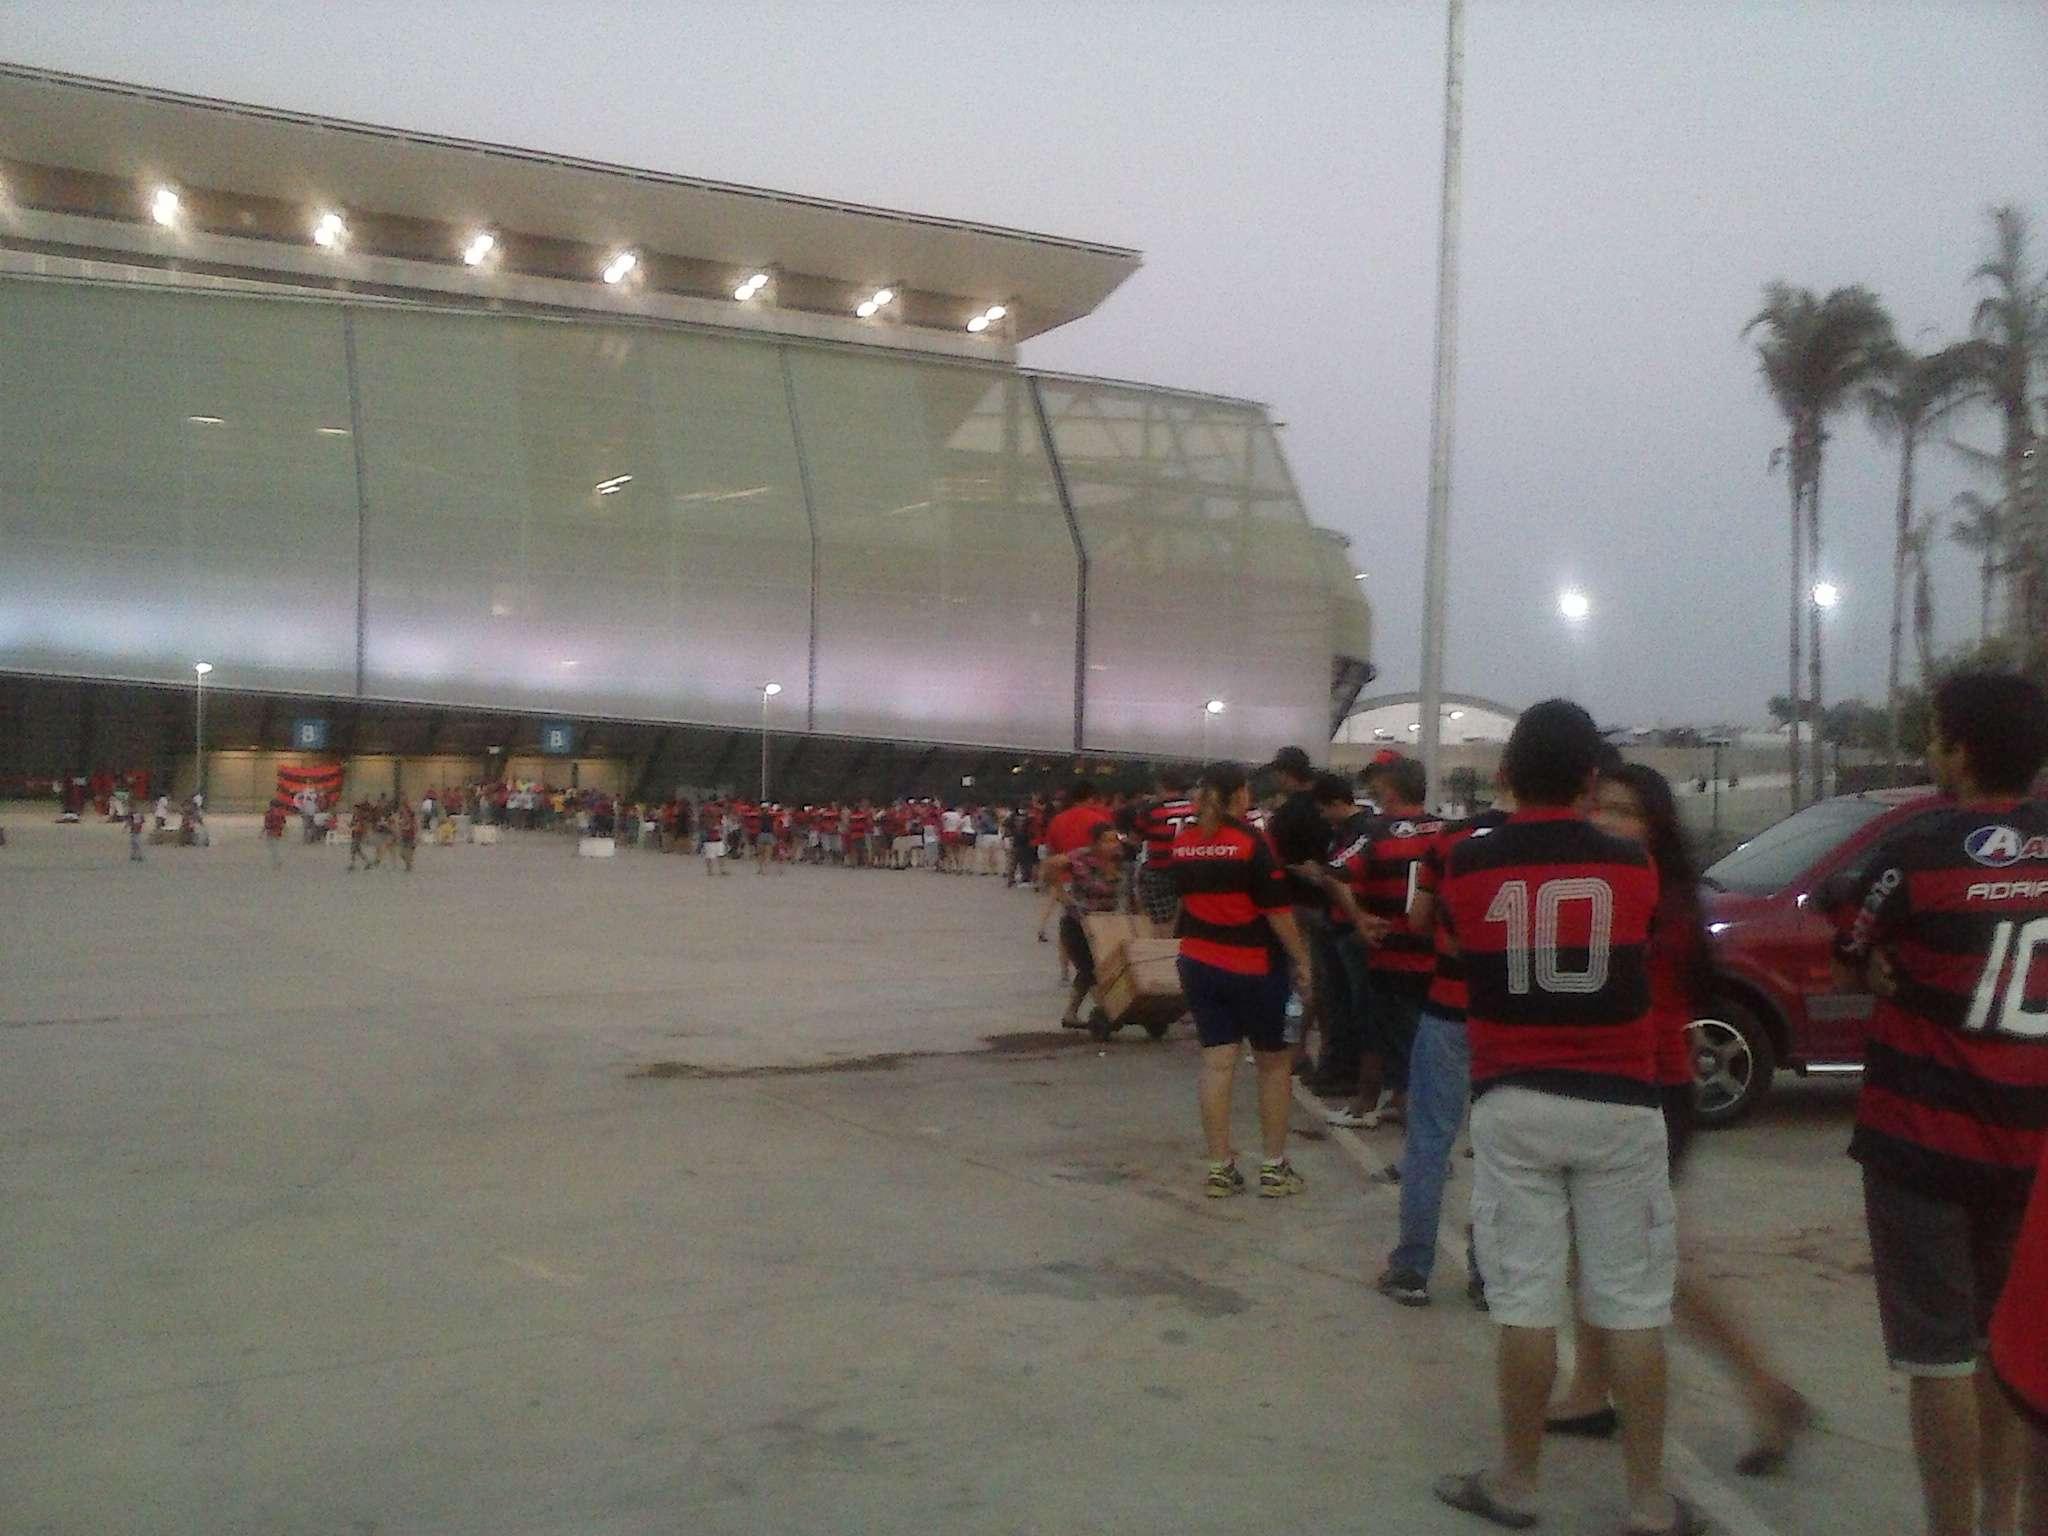 Flamenguistas fazem fila para entrar na Arena Pantanal Foto: Keka Werneck/Especial para Terra